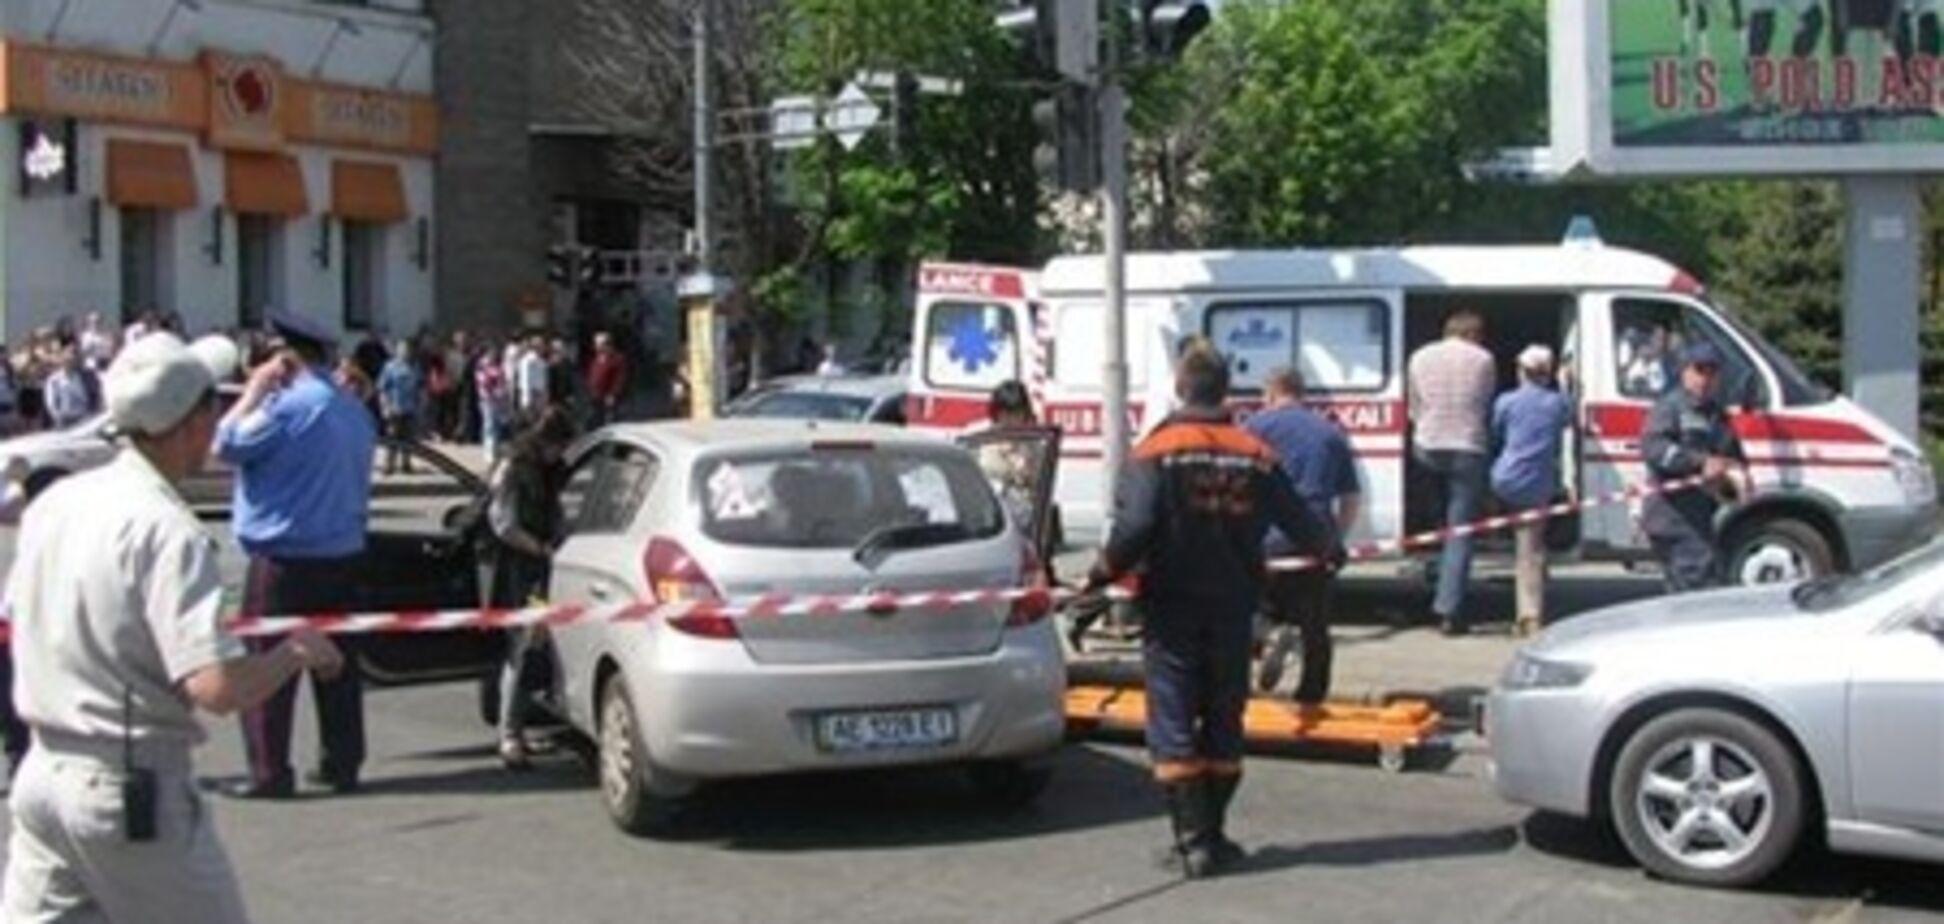 От взрывов в Днепропетровске пострадали 30 человек - Минздрав